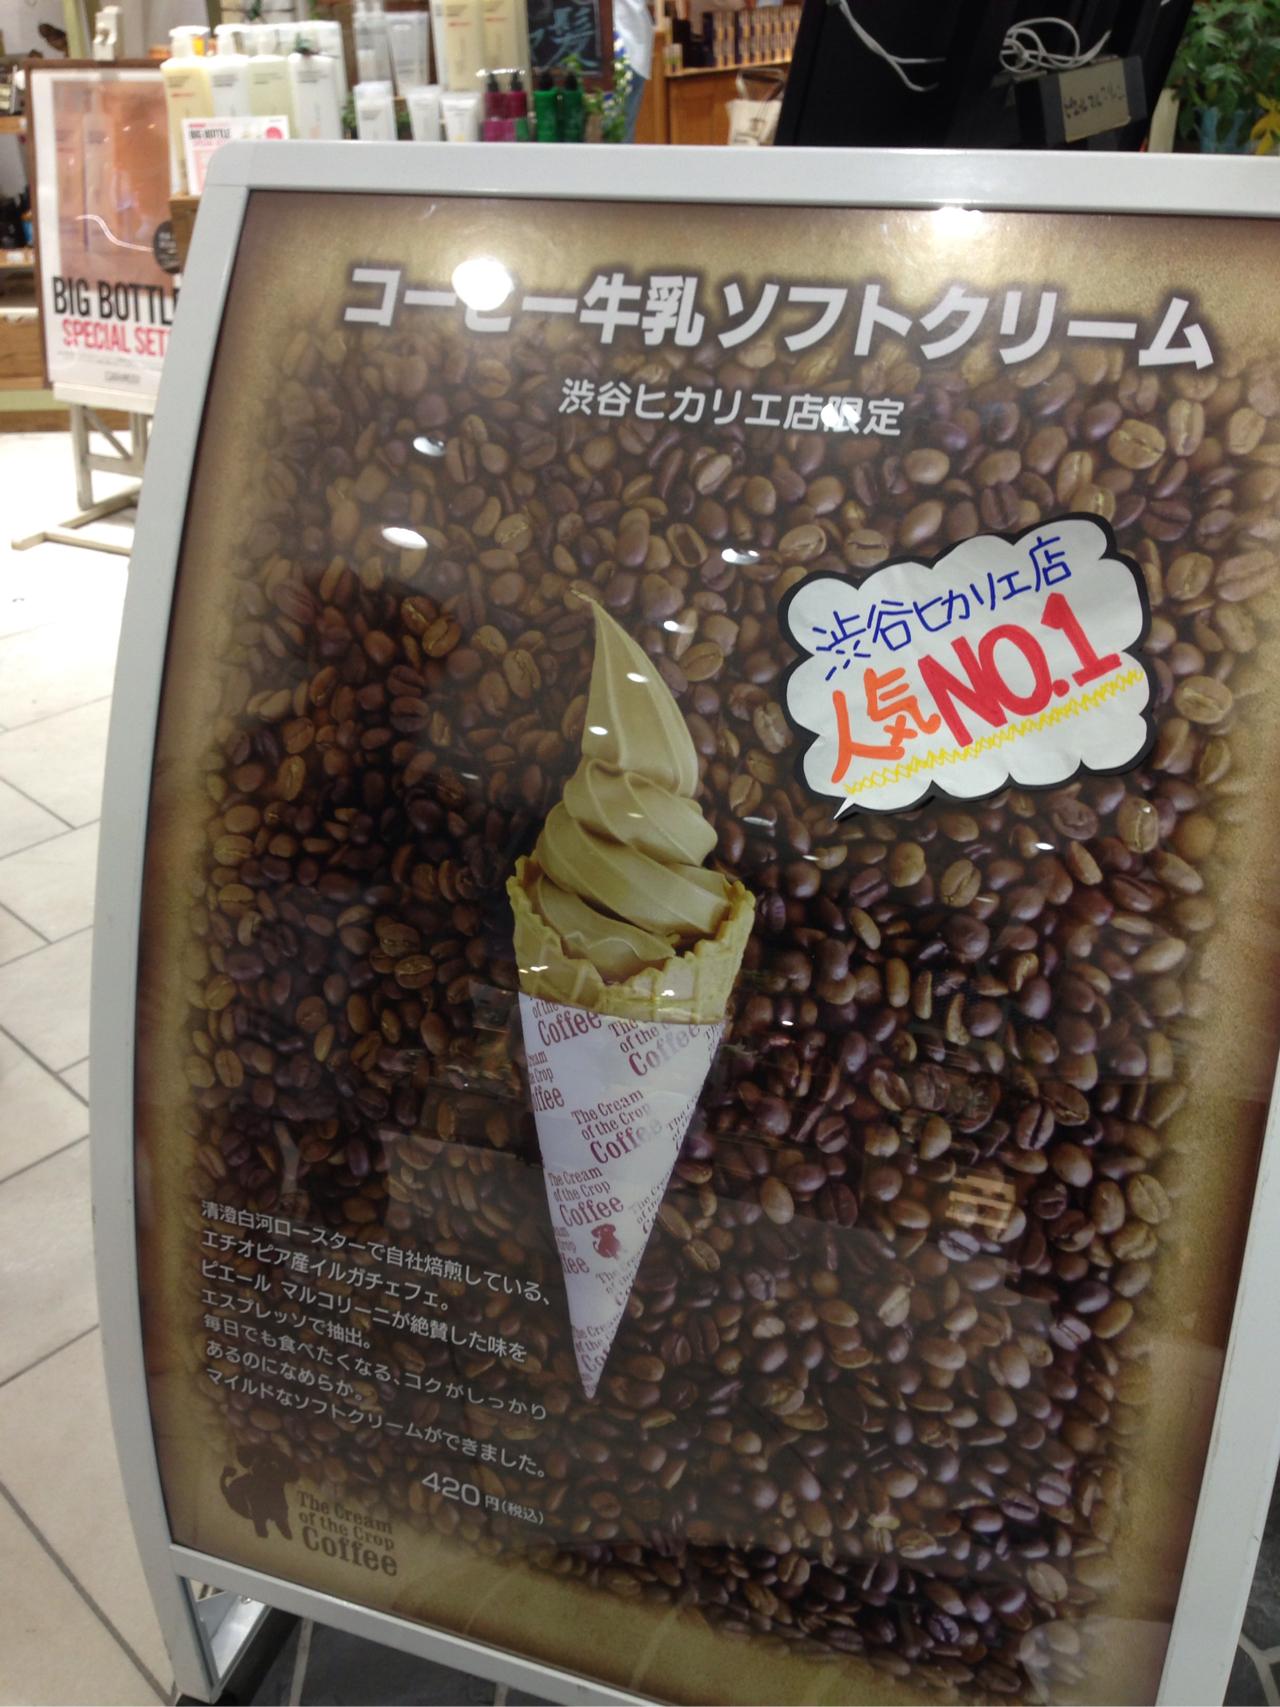 イルガチェフェのソフトクリーム(ザ クリーム オブ ザ クロップ コーヒー 渋谷ヒカリエ店)